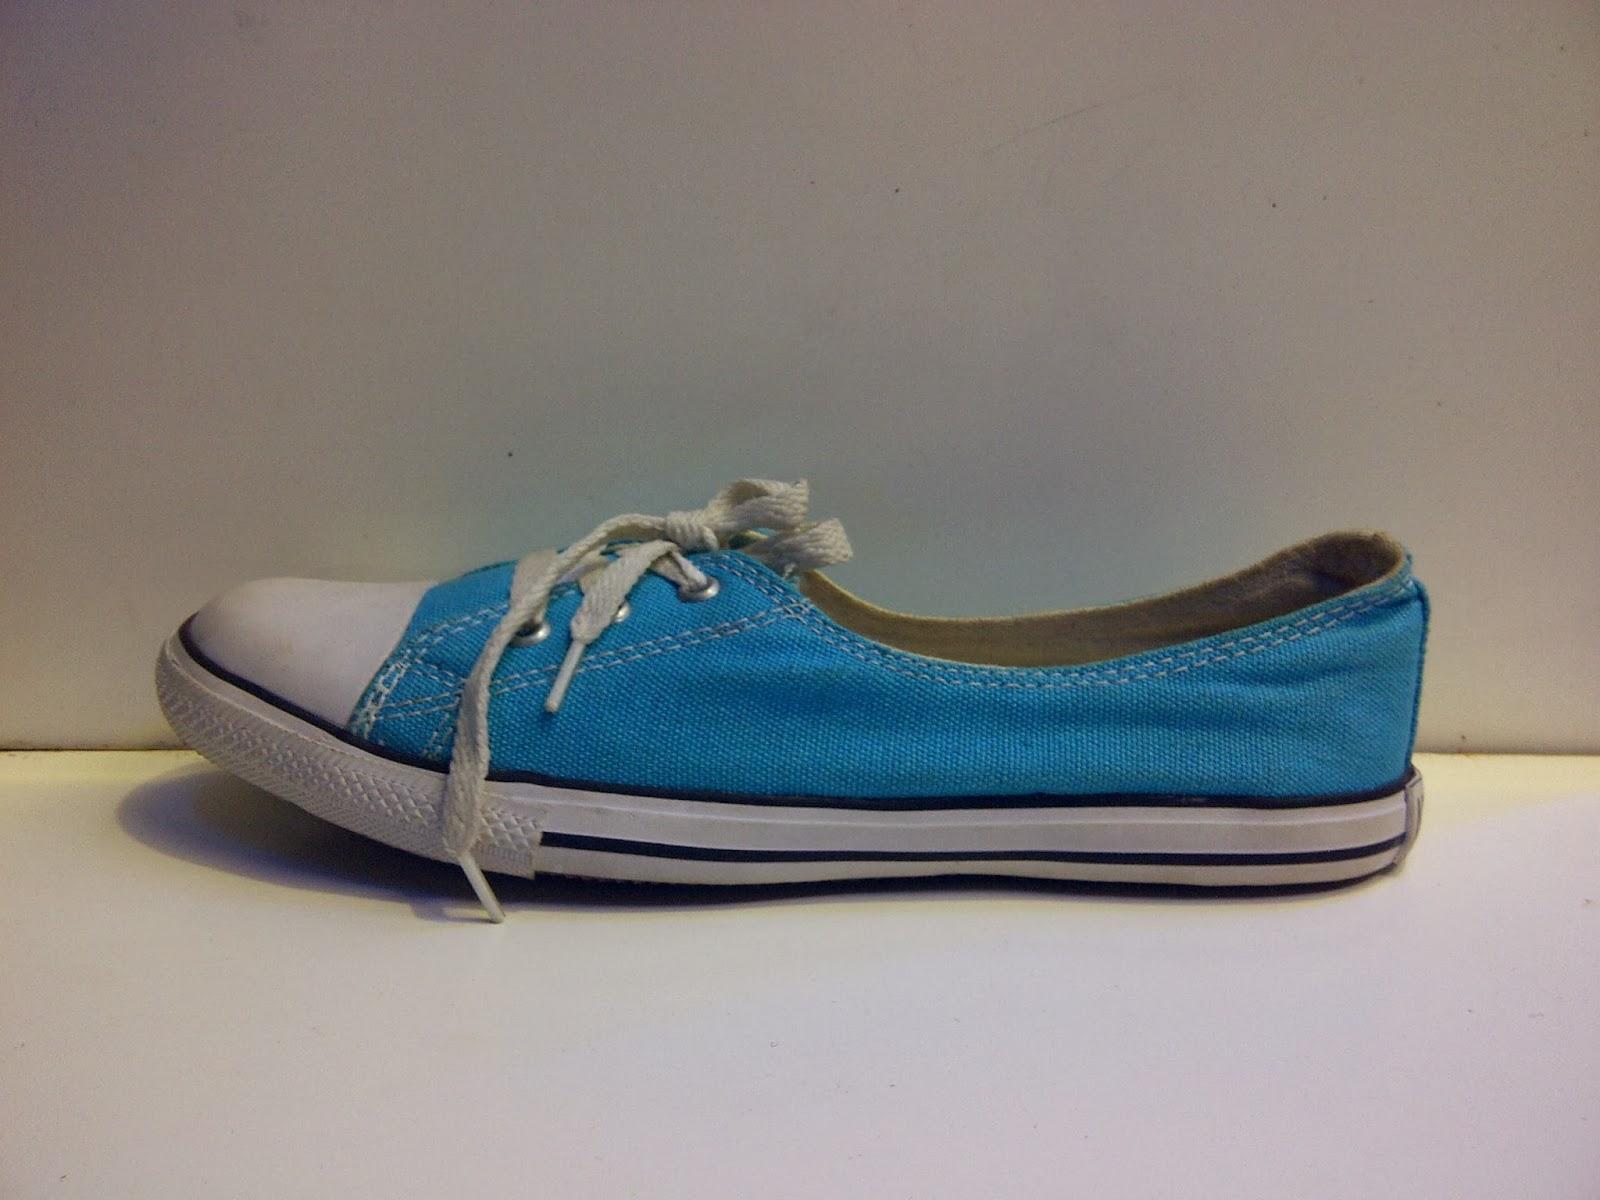 Sepatu Converse Slop Women's hijau murah